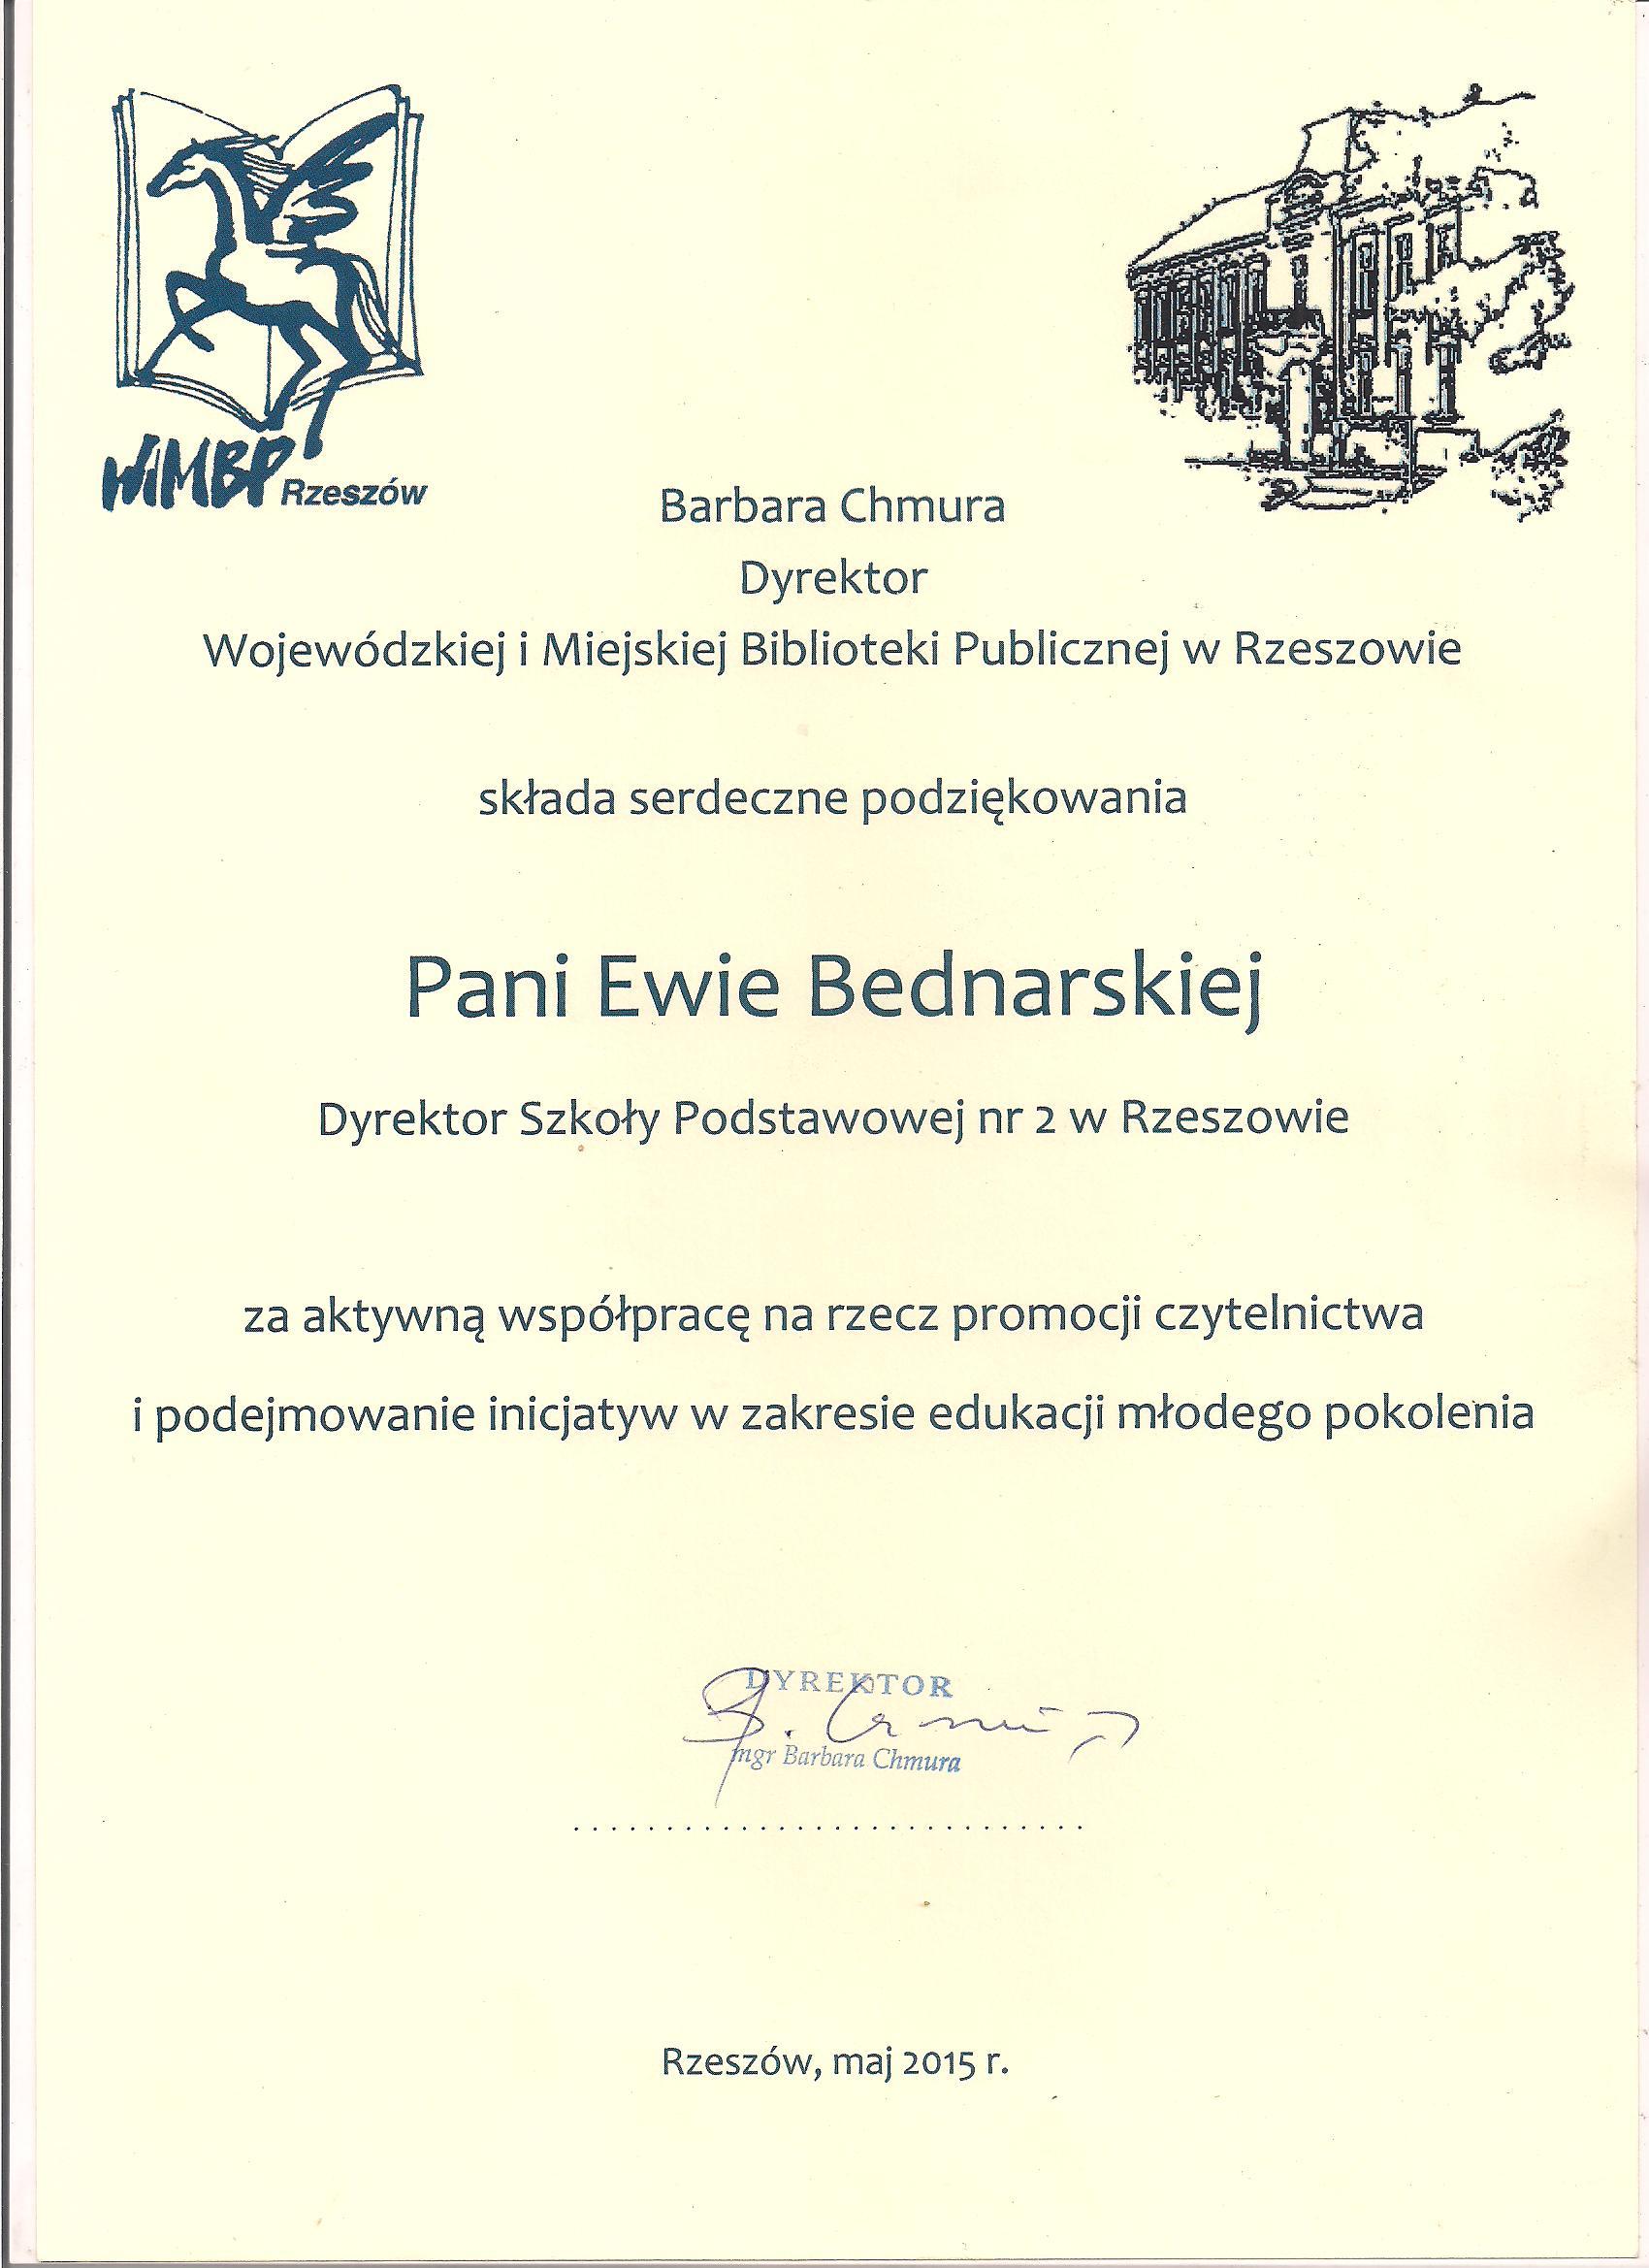 Certyfikaty I Podziękowania